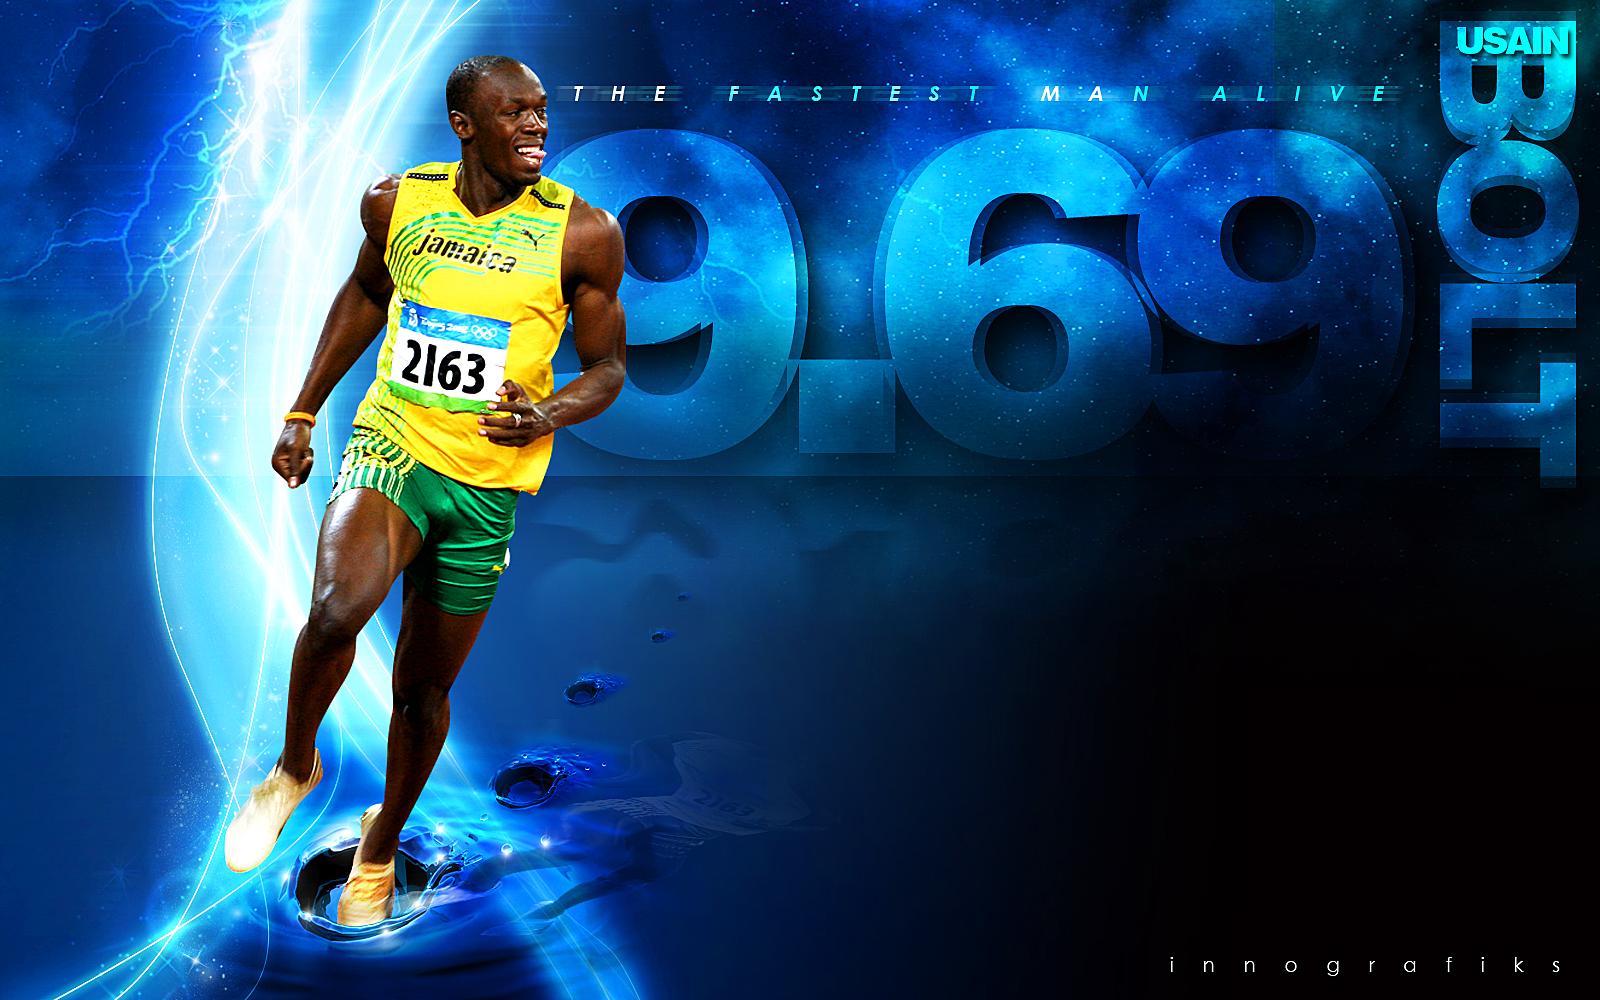 http://1.bp.blogspot.com/-Jv2aI1-gMYg/UEm7qRYWRnI/AAAAAAAAAvc/kPPLCCi7vZM/s1600/Usain-Bolt2.jpg